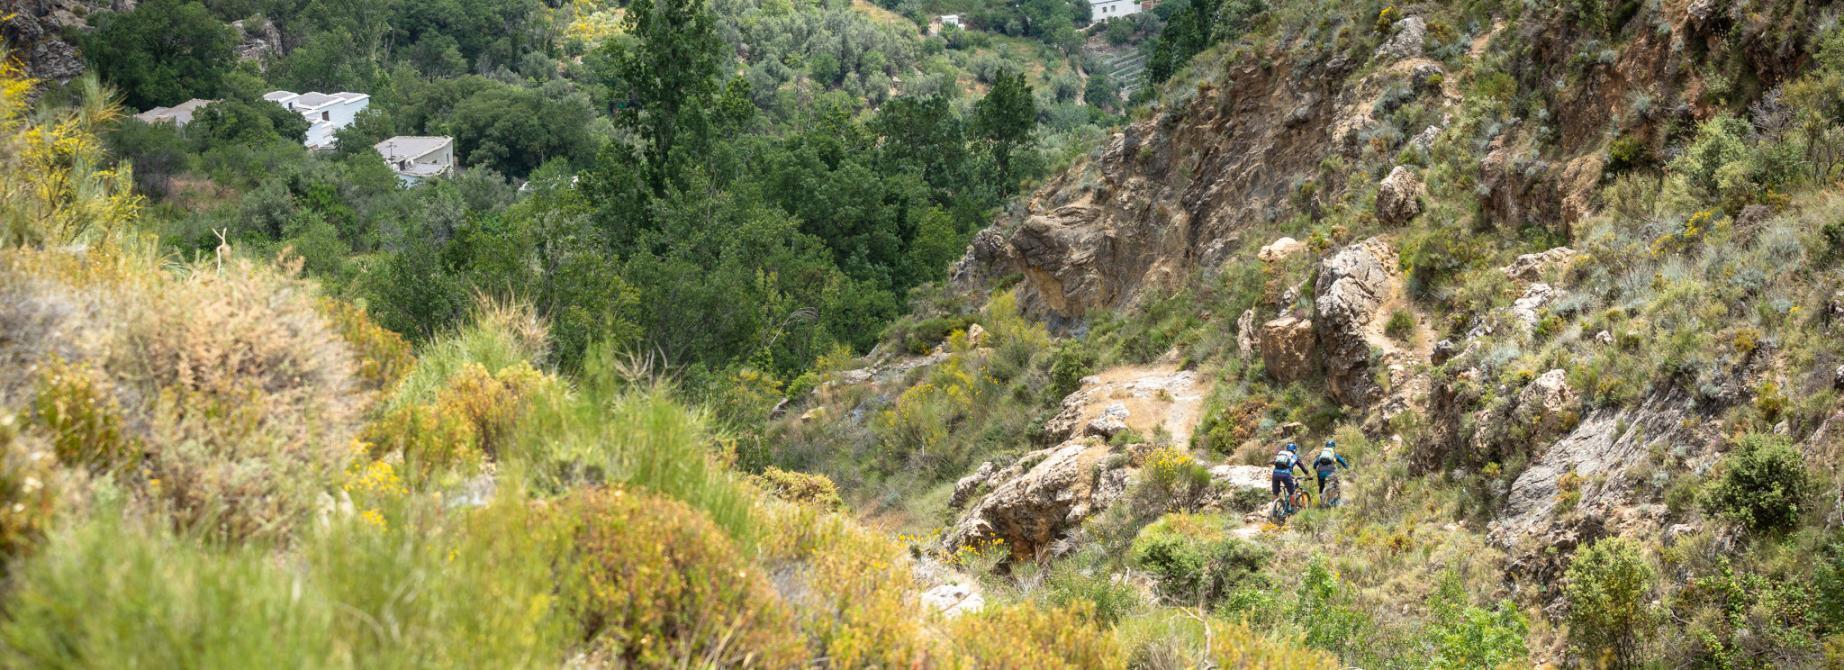 Mountain biking in Spain's Sierra Nevada